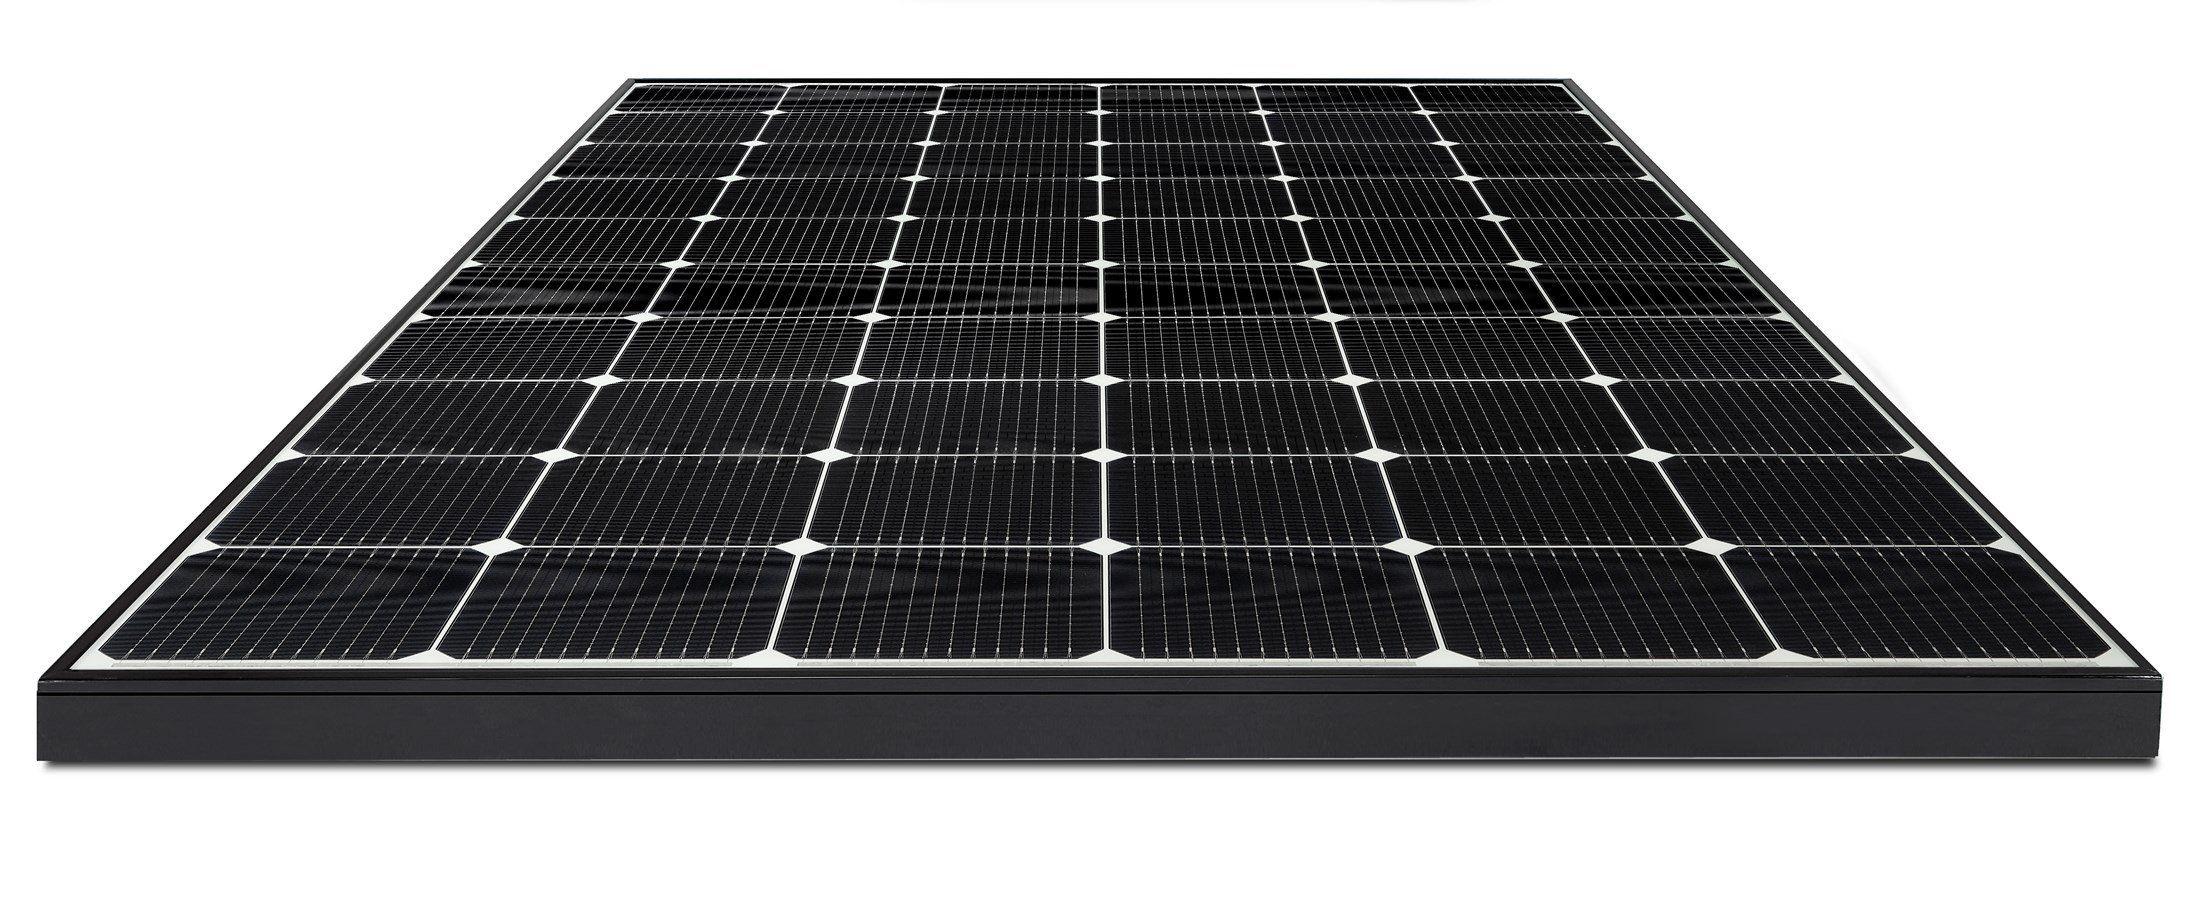 LG aumenta la classe di potenza di tutti i moduli per soddisfare la crescente richiesta di moduli ad alte prestazioni